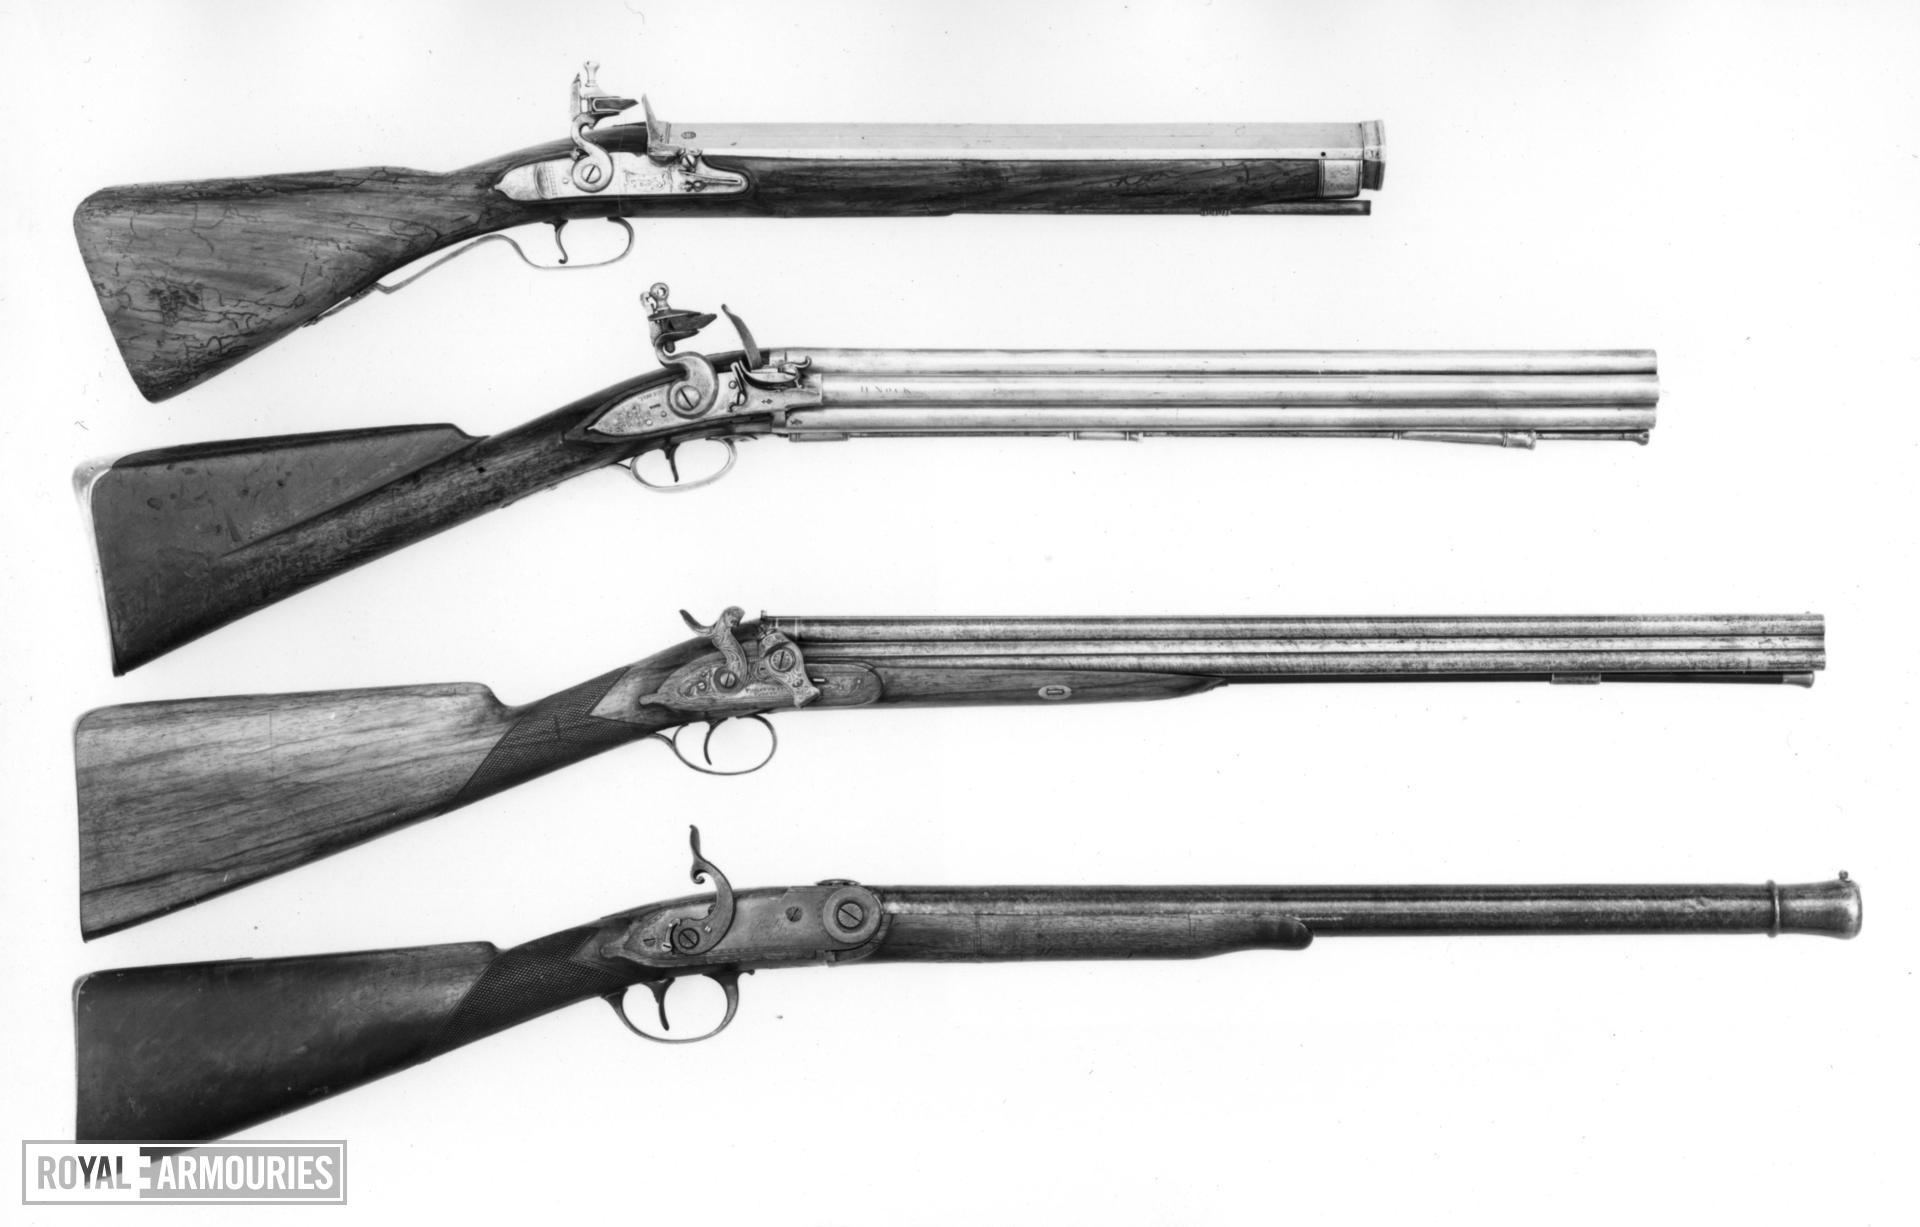 Flintlock military volley gun - Pattern 1780 Nock Volley 1st Model By H. Nock